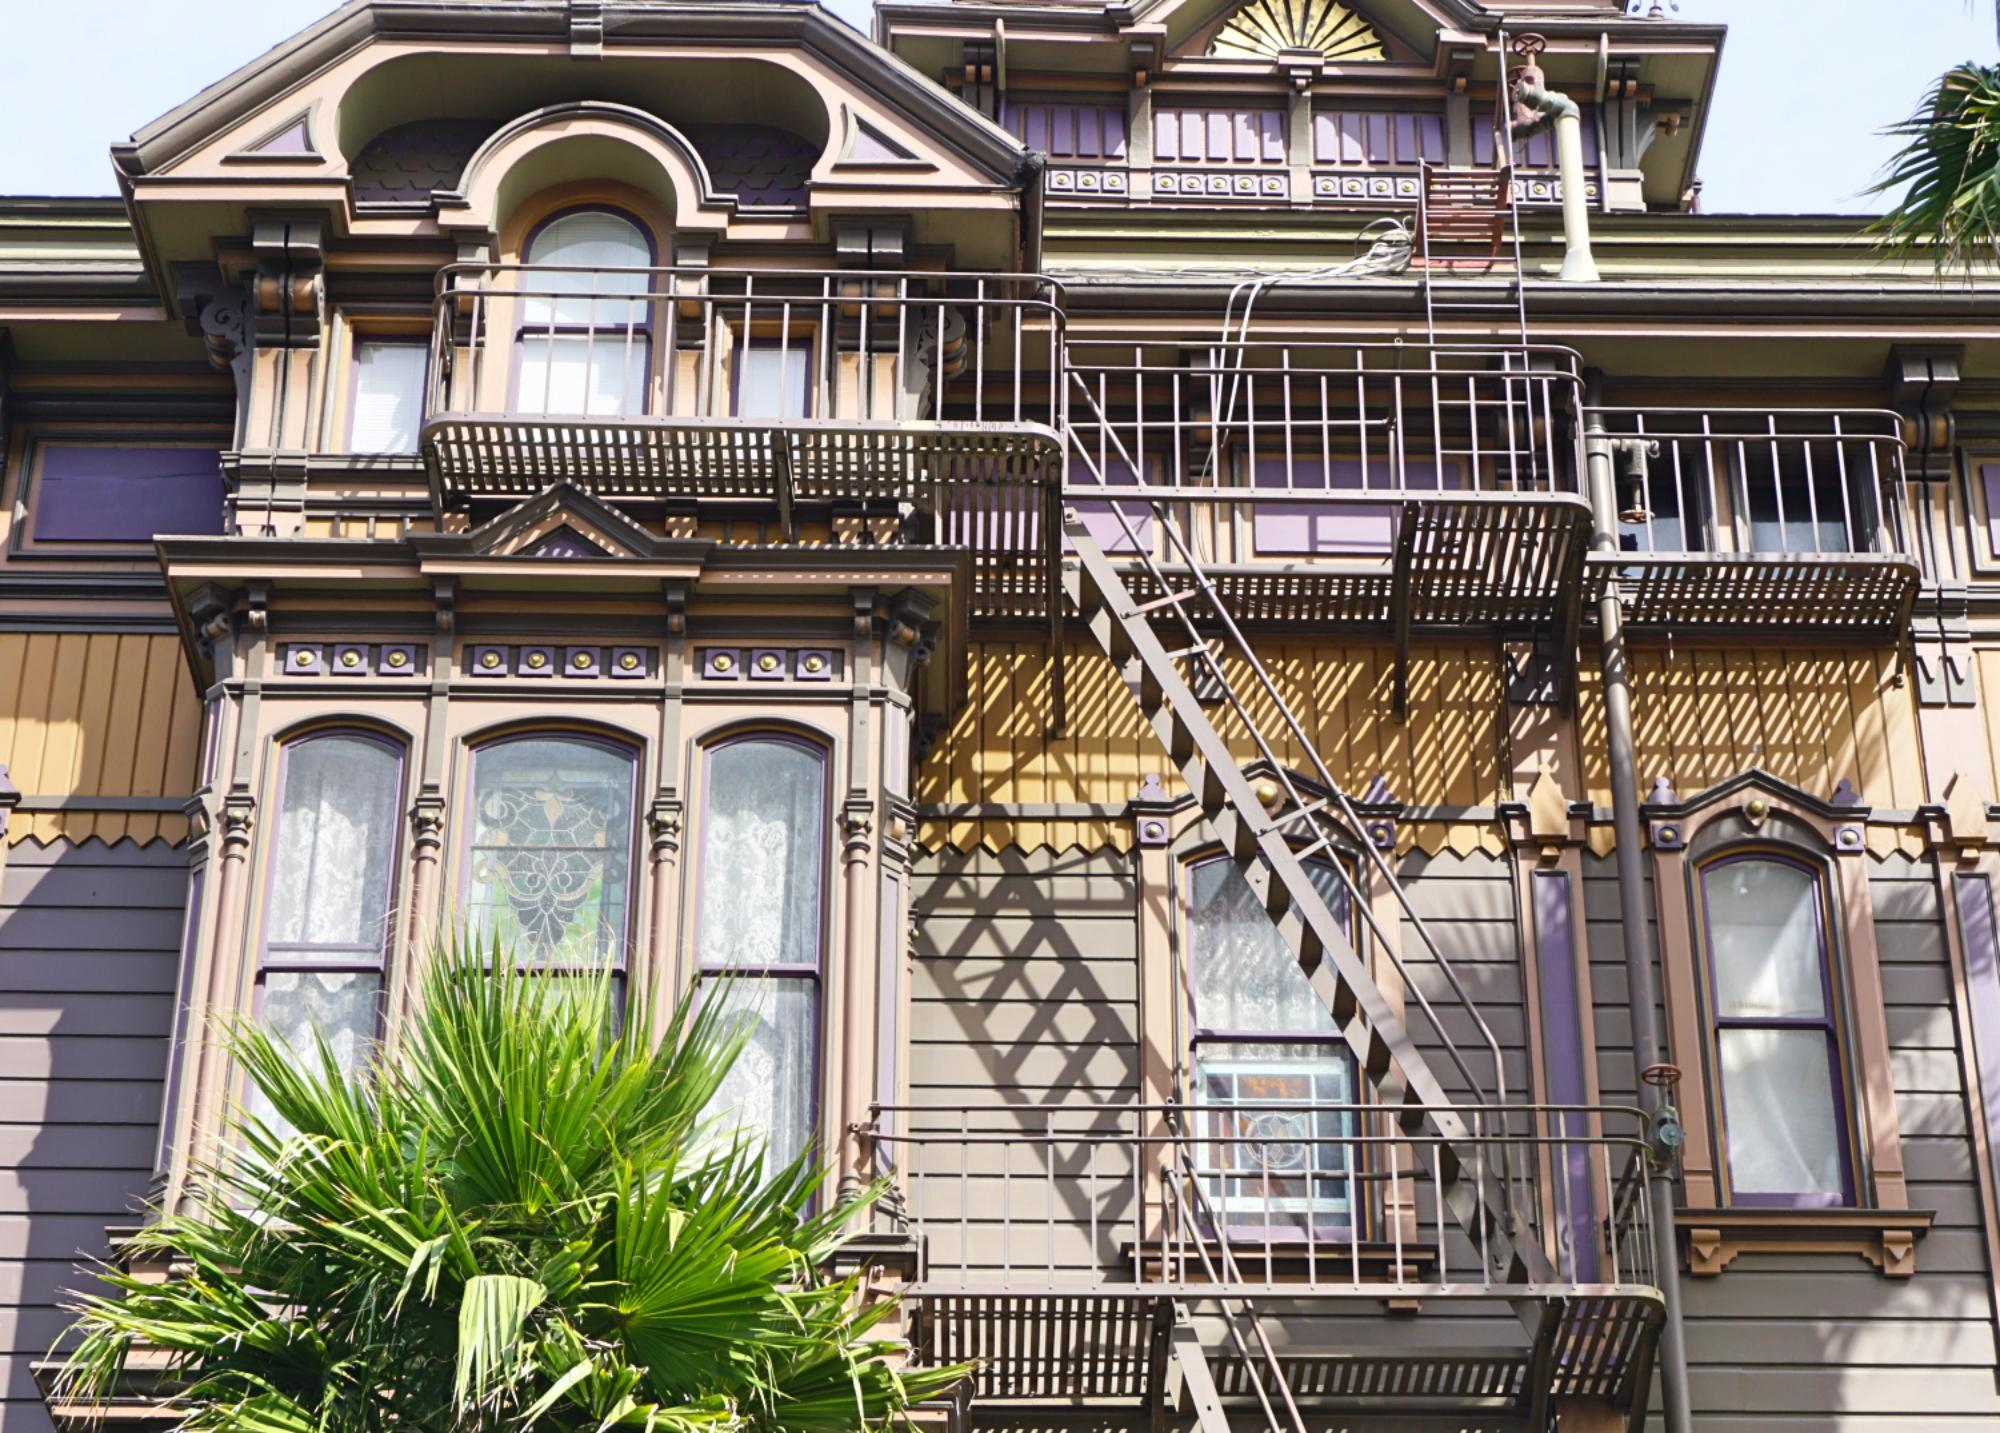 casa mal assombrada da Alamo Square